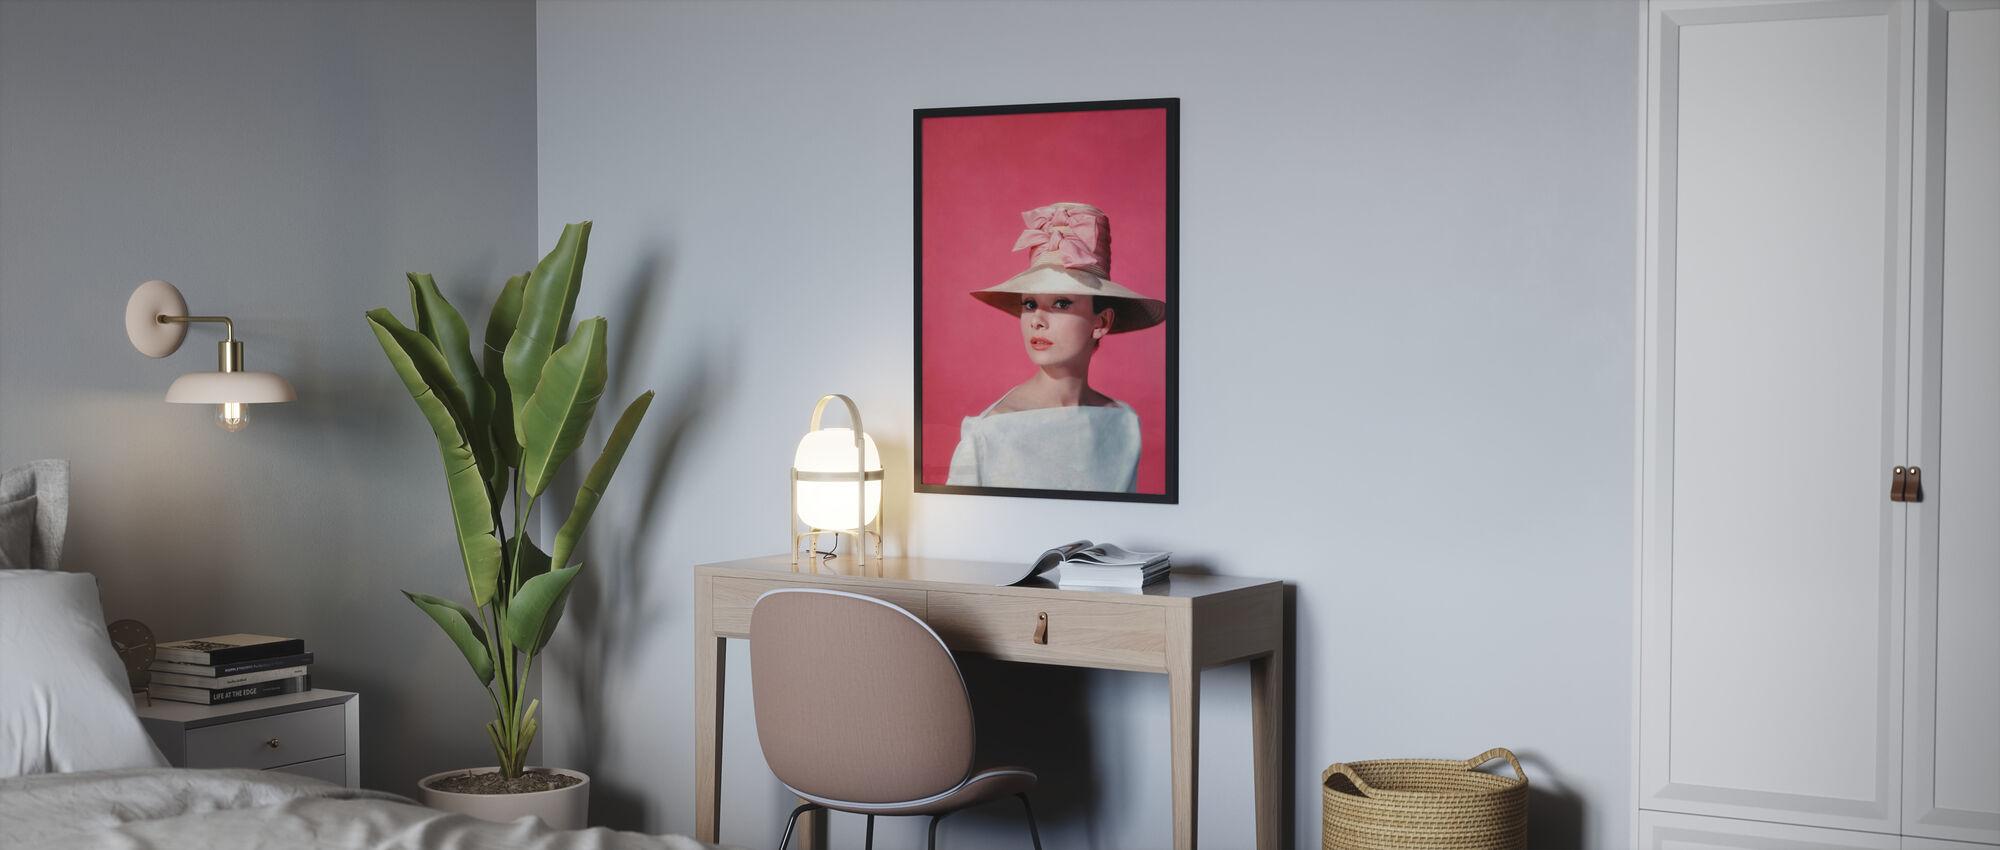 Audrey Hepburn in Funny Face - Poster - Bedroom